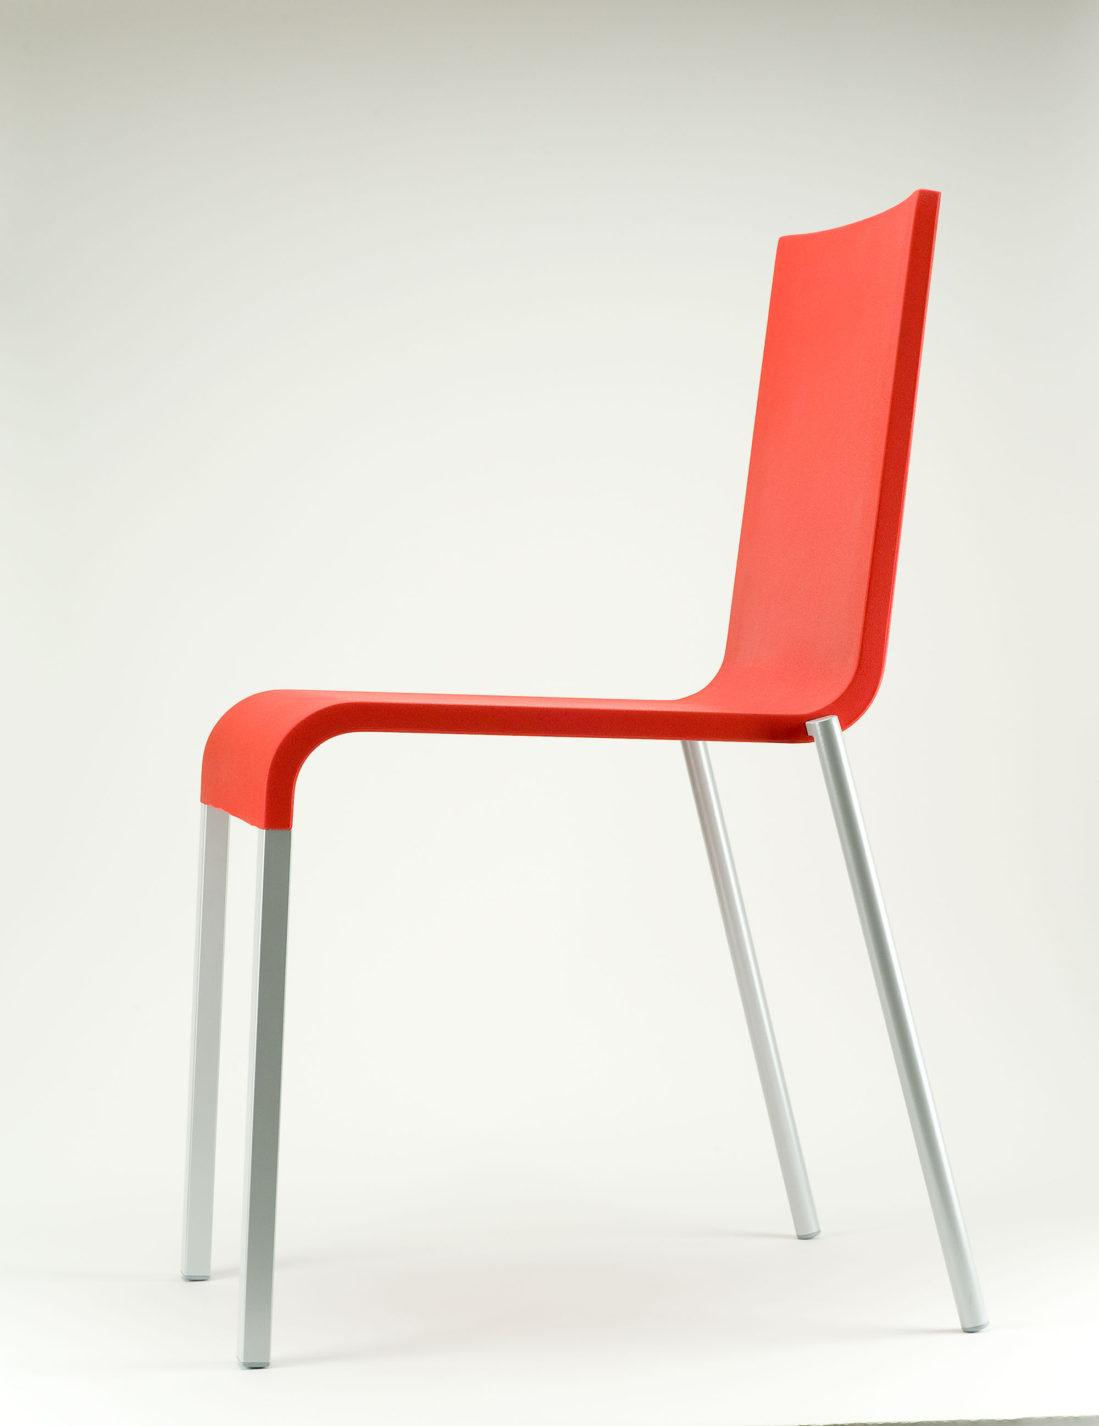 Chaise à assise et dossier moulés de plastique rouge avec quatre pattes en aluminium.